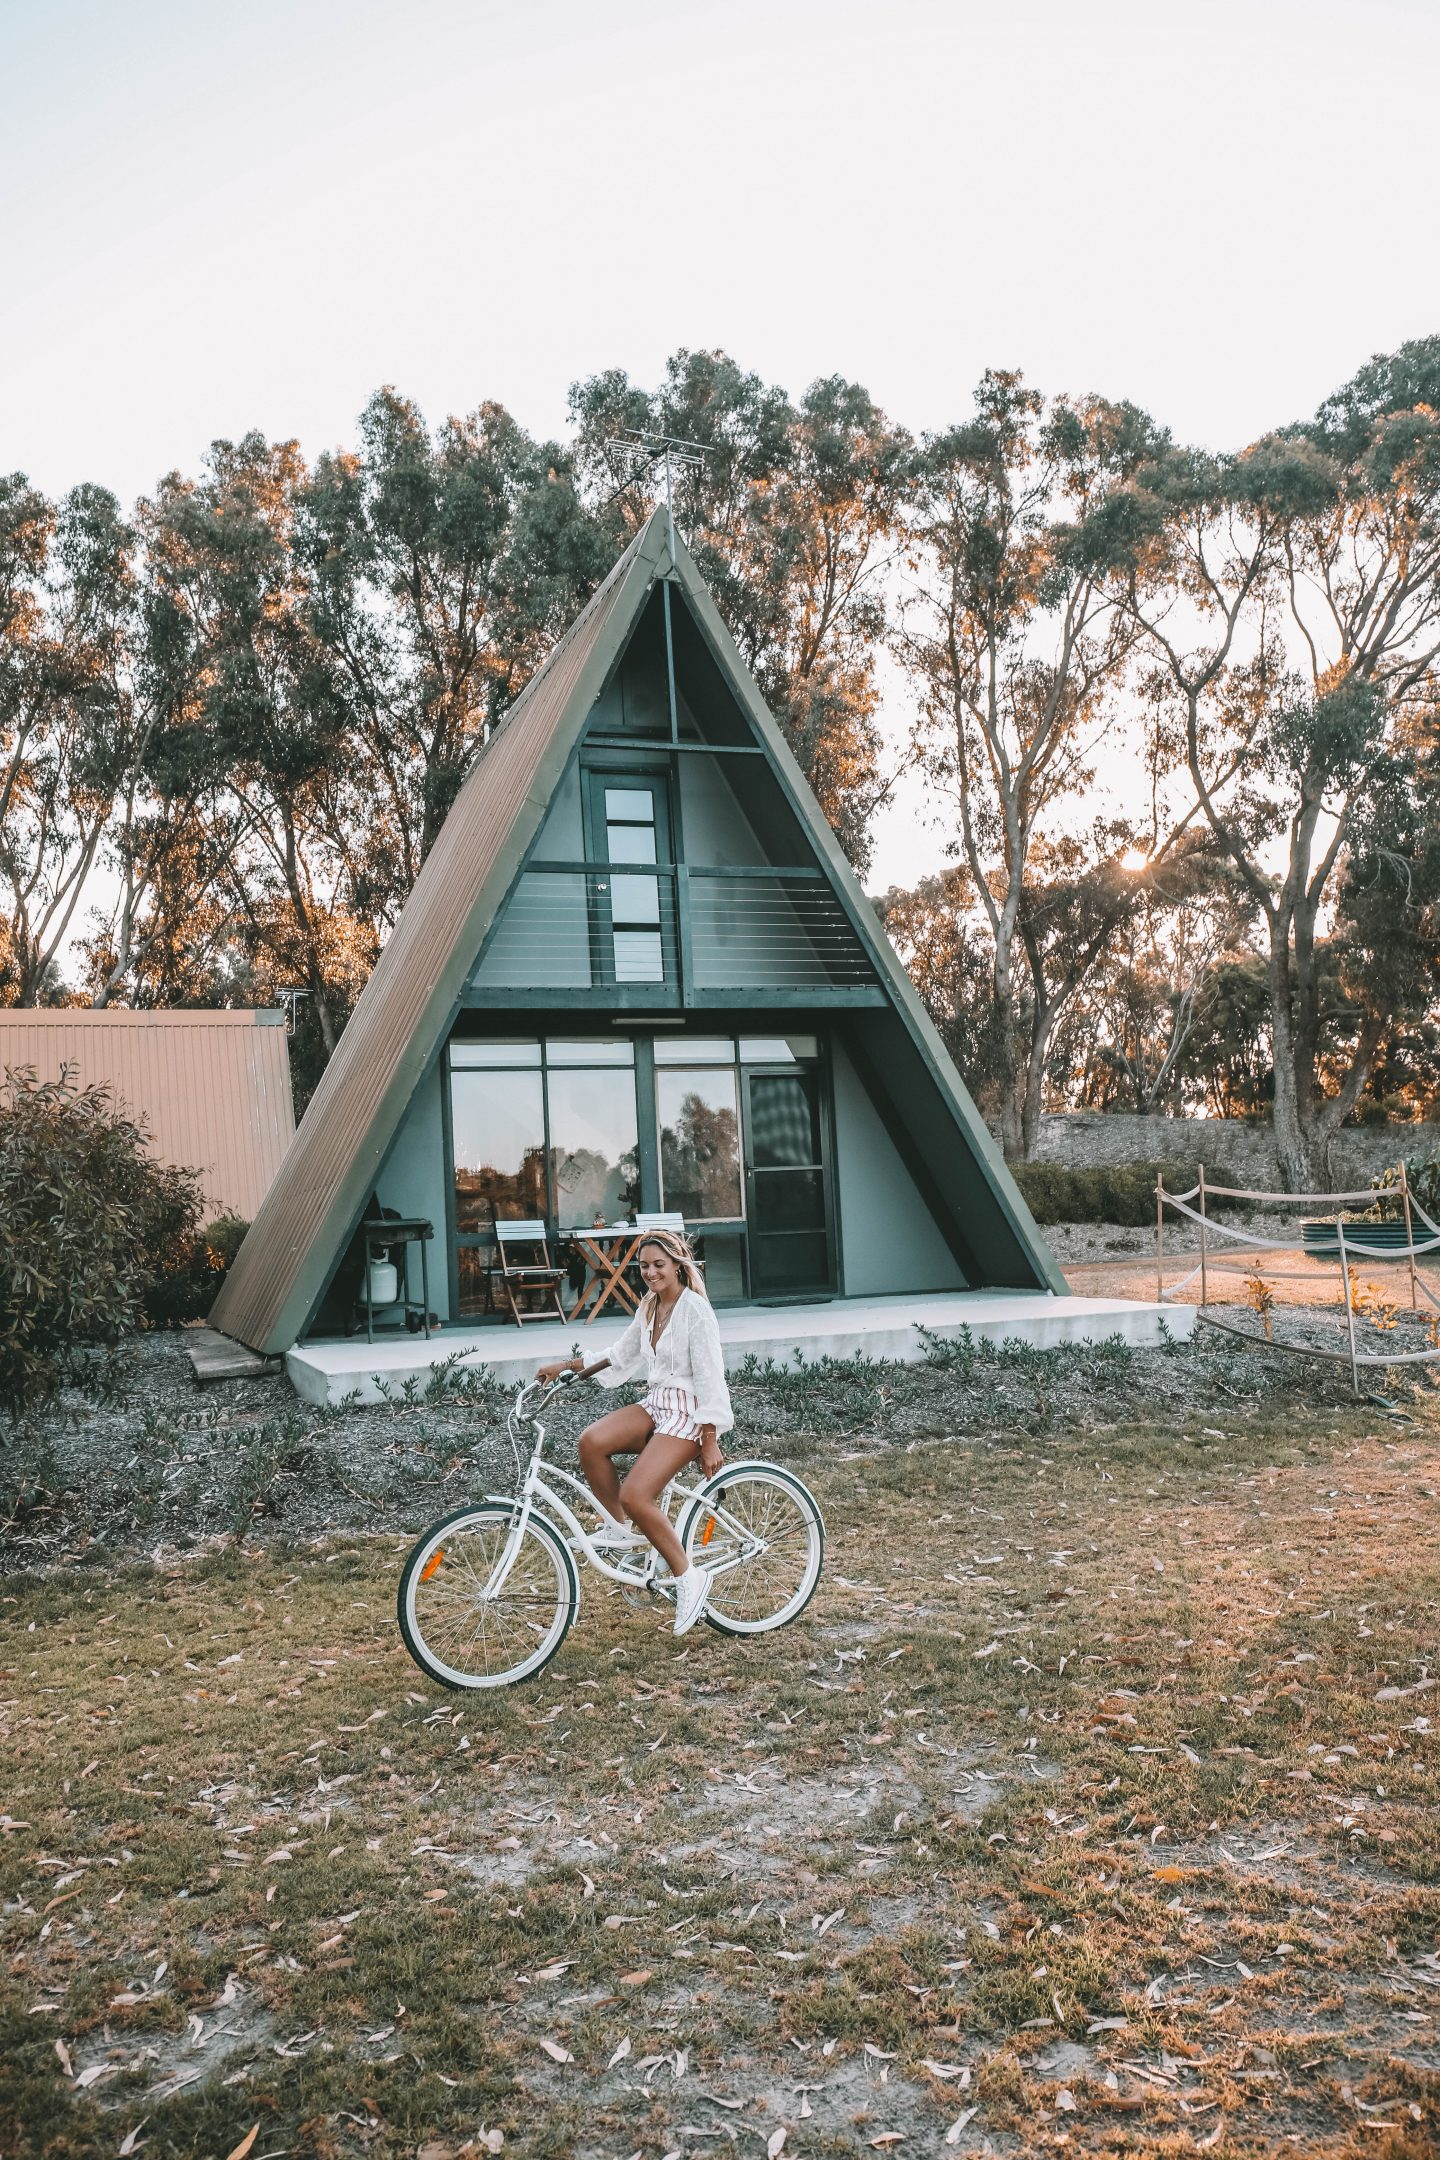 Esperance Challet Village - Blondie Baby blog mode et voyages